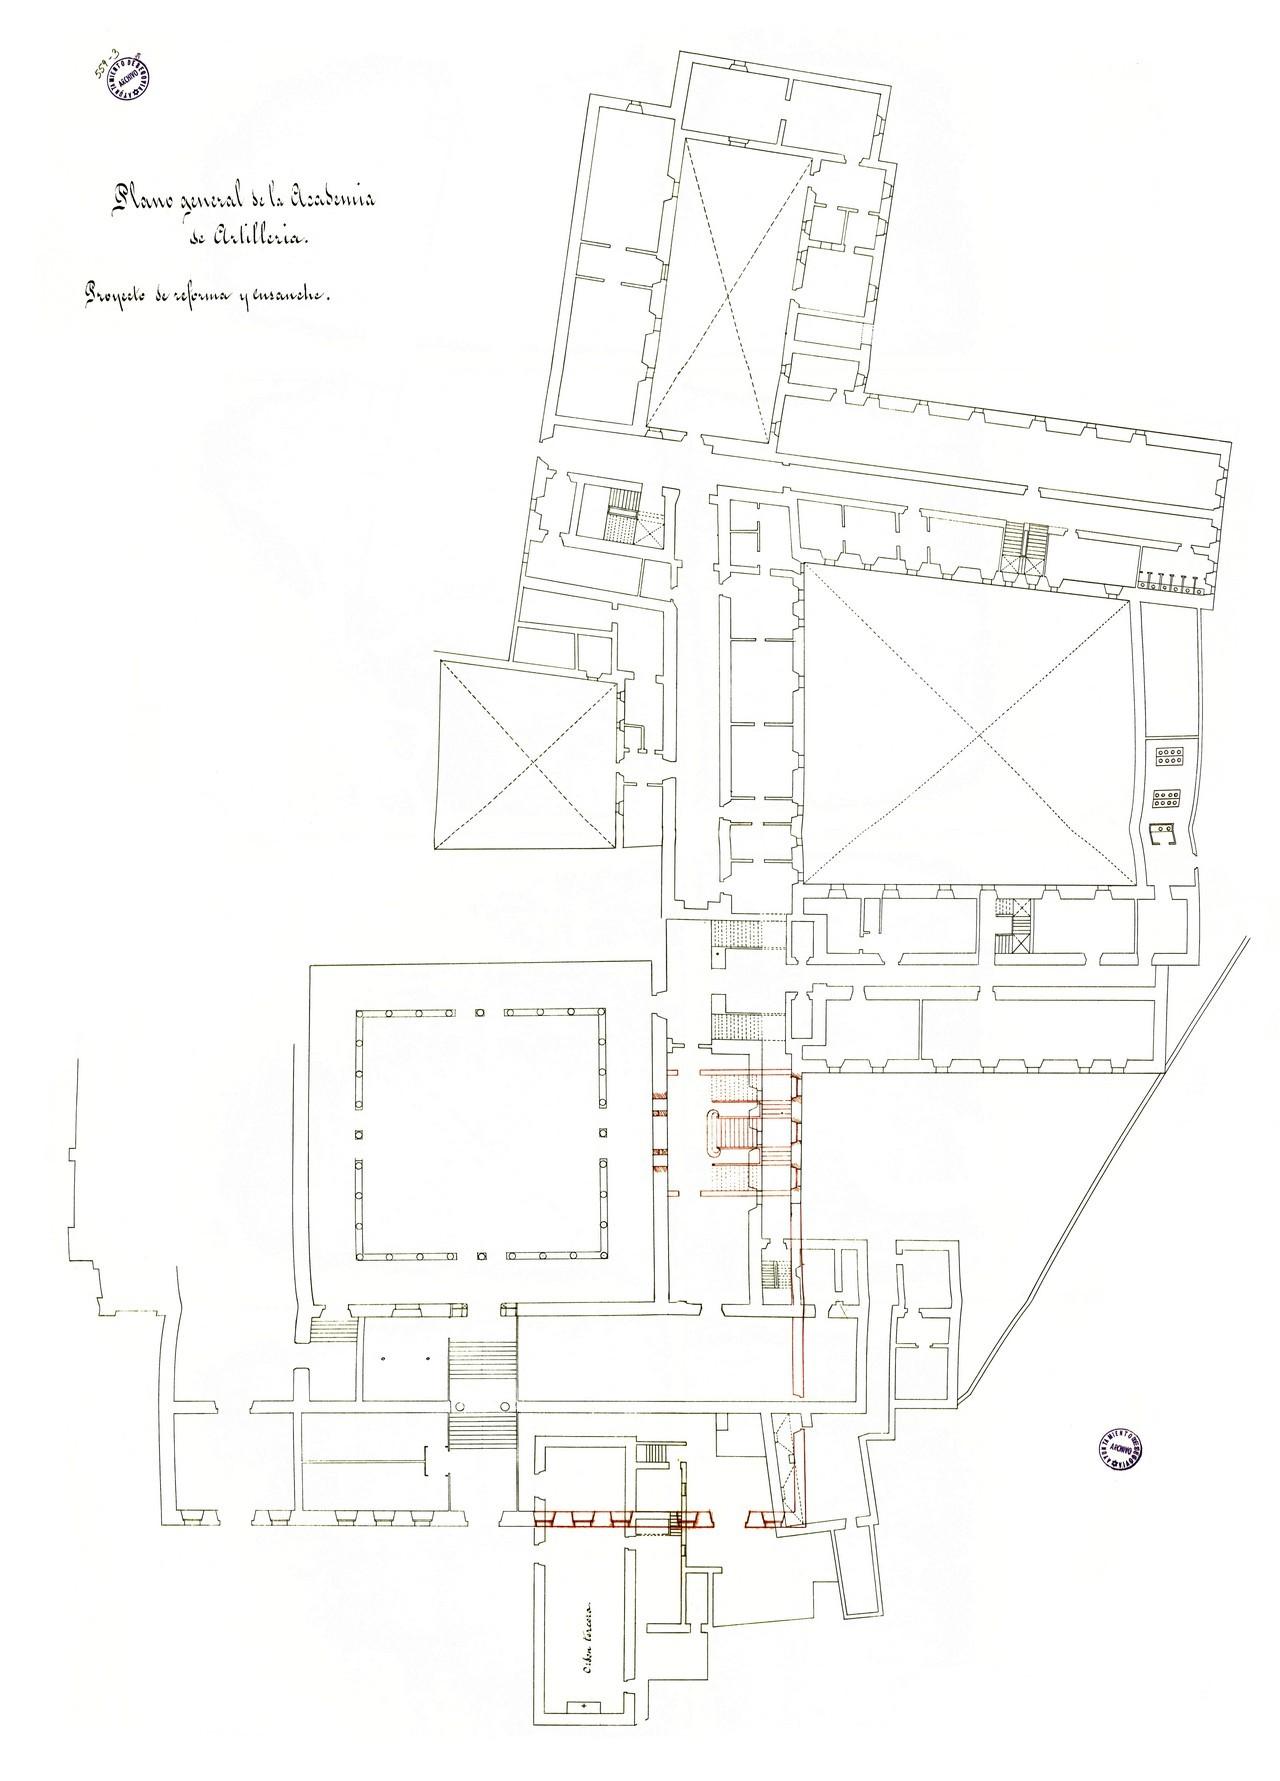 Academia de Artillería, plano de la planta baja. Proyecto de demolición de la capilla de la Orden Tercera, 1880. 25.- Archivo Municipal de Segovia Signatura 559-3.